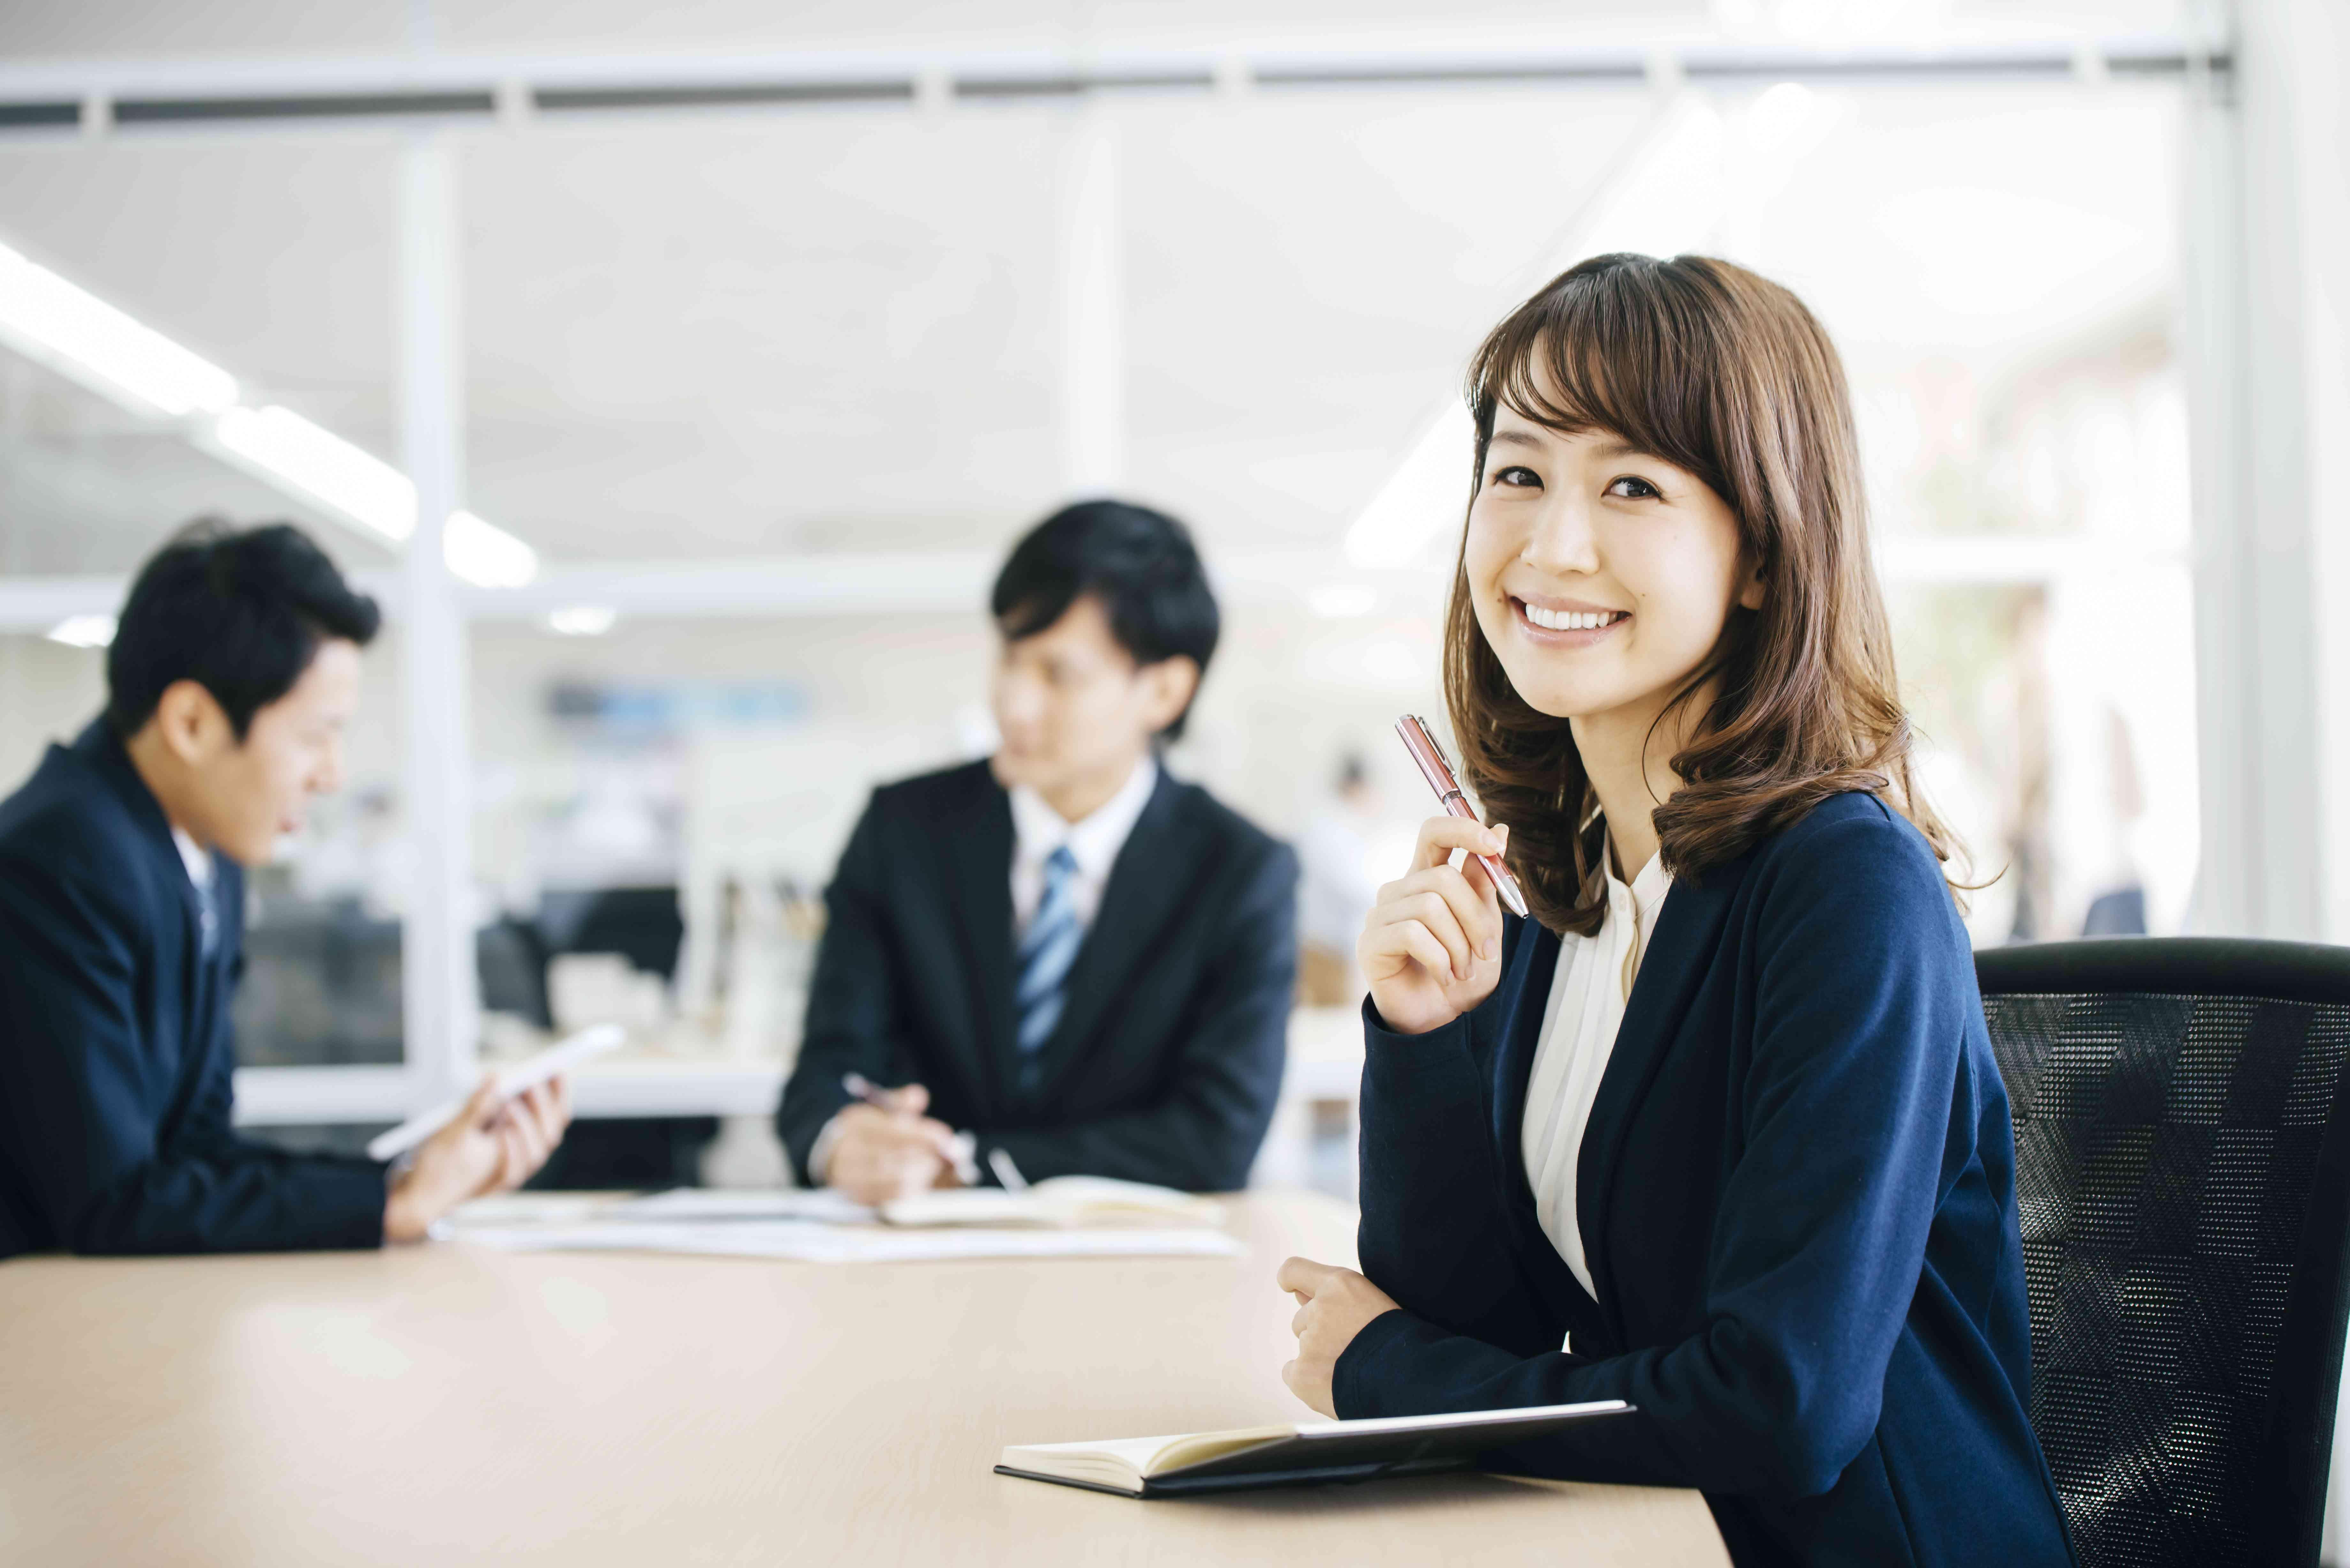 キャバ嬢から昼職嬢に転職するメリット3選を紹介します